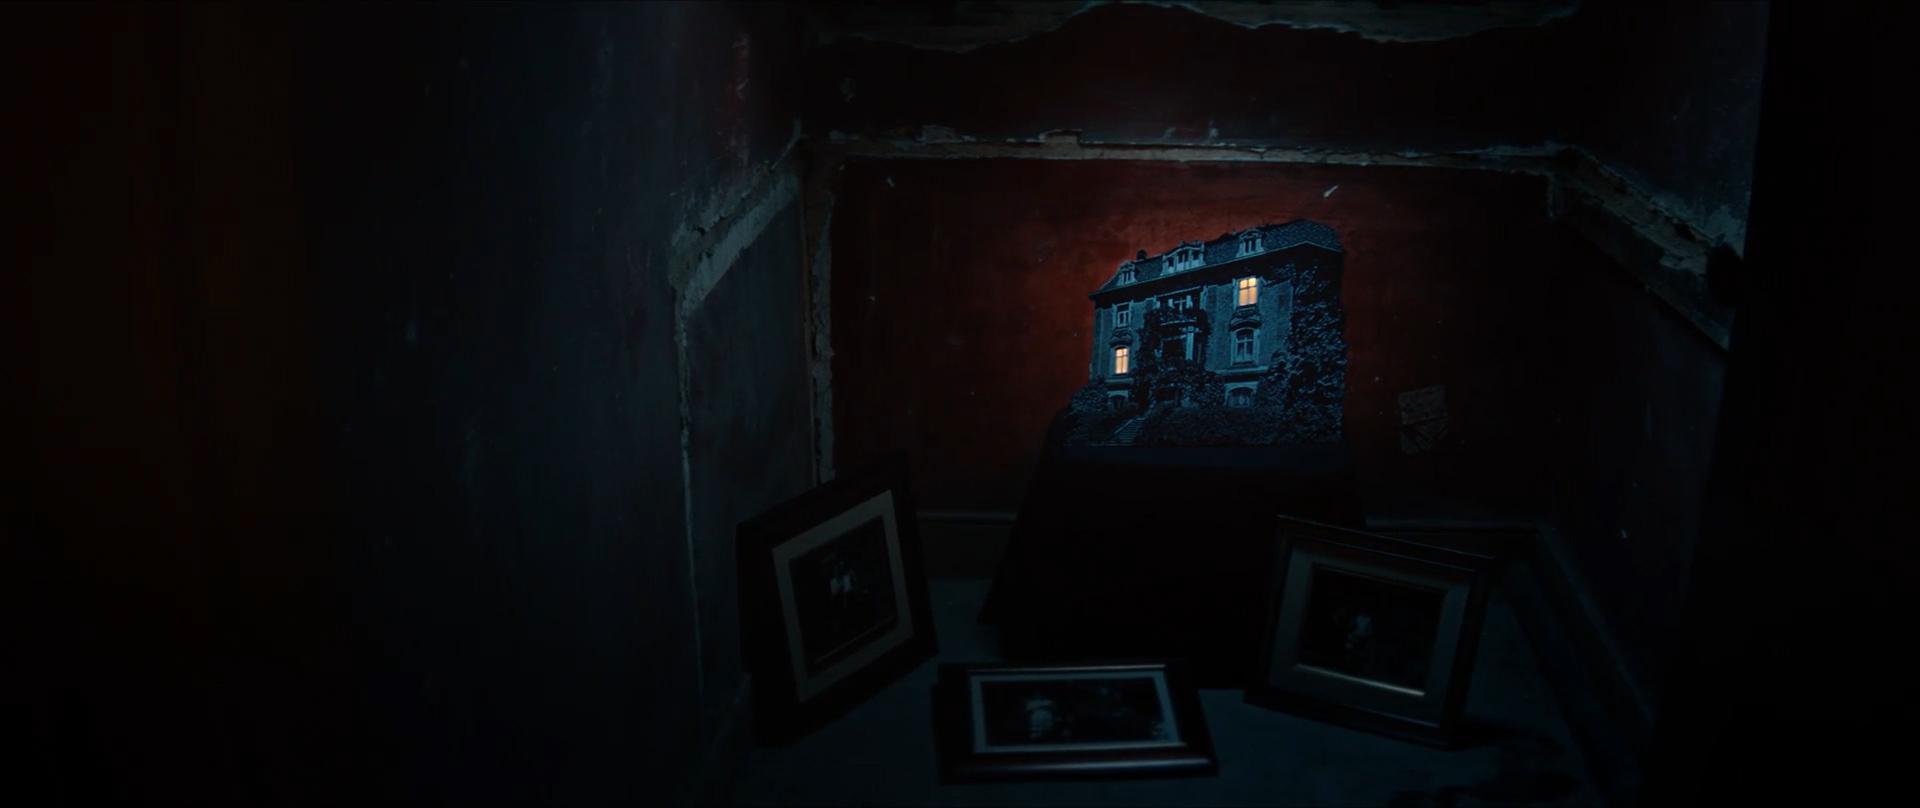 Preview Labirinto da Saudade - Para imprensa - 18_05_2018.mp4.00_09_59_00.Still003.jpg